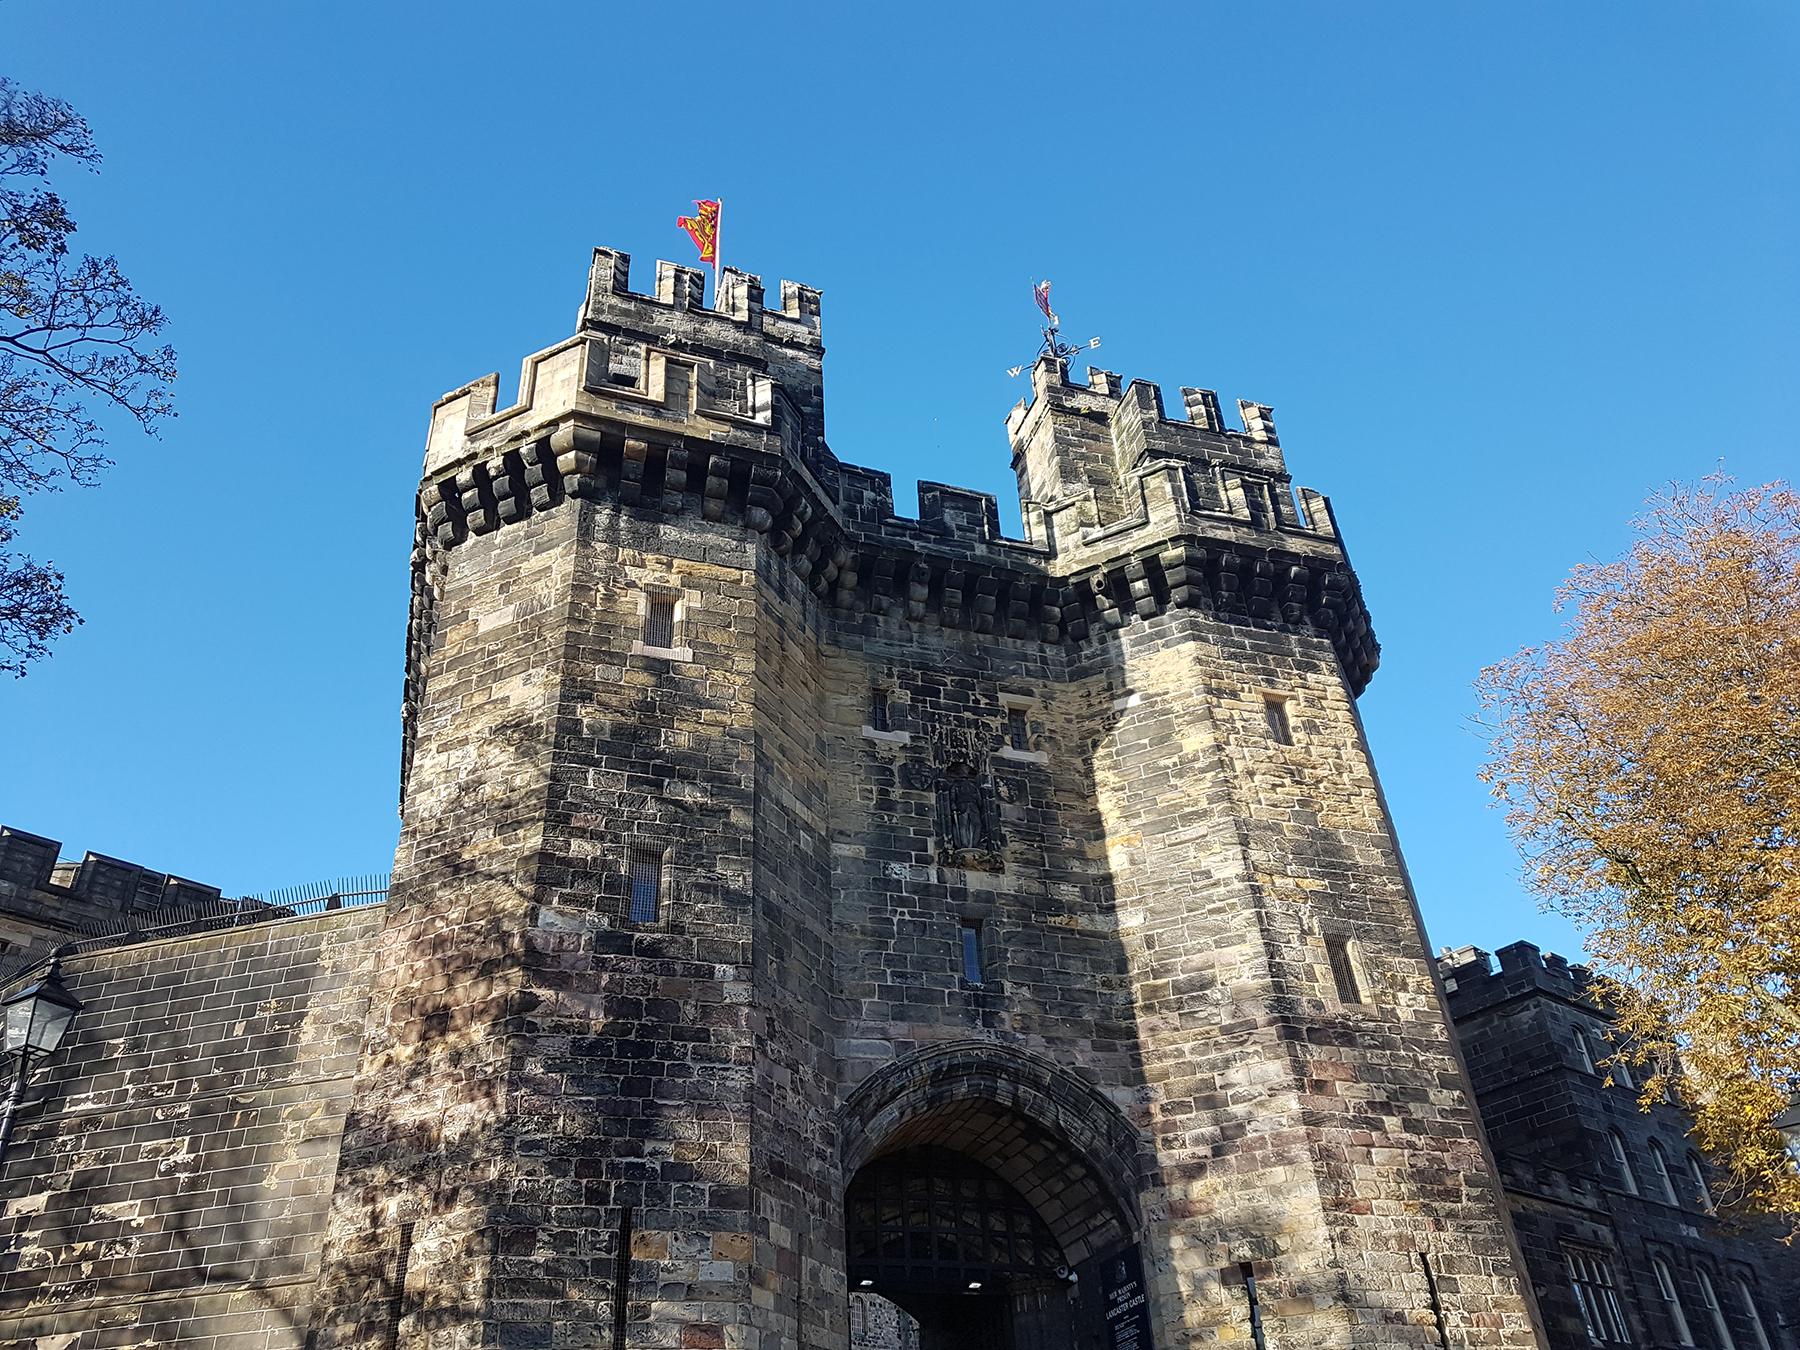 Castle-Top